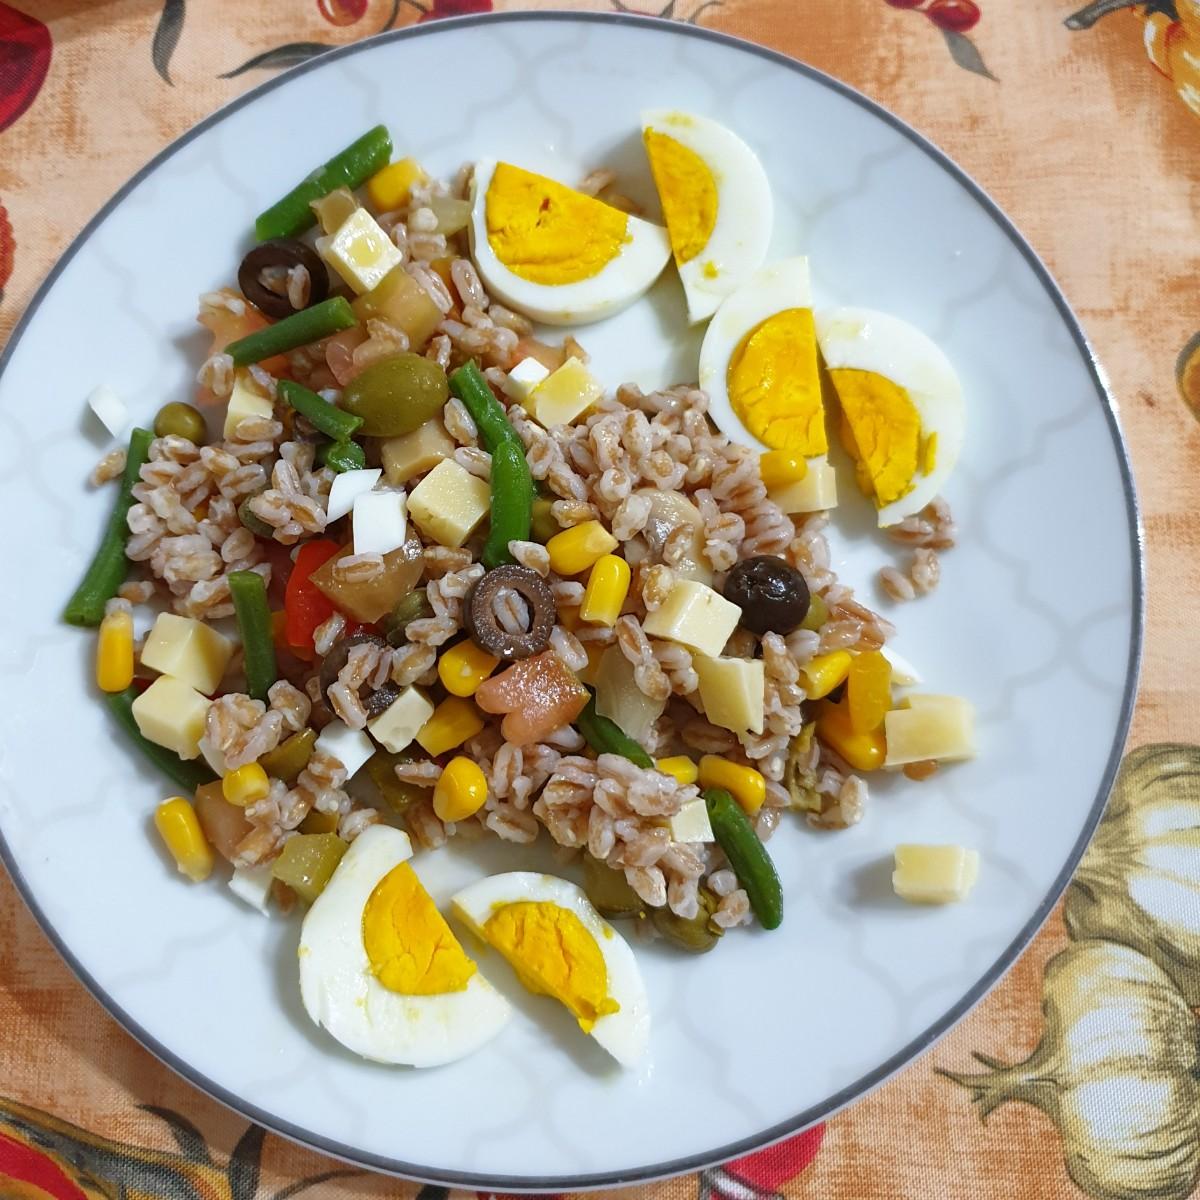 FARRO FREDDO UOVA FAGIOLINI ricetta insalata estiva fredda con farro